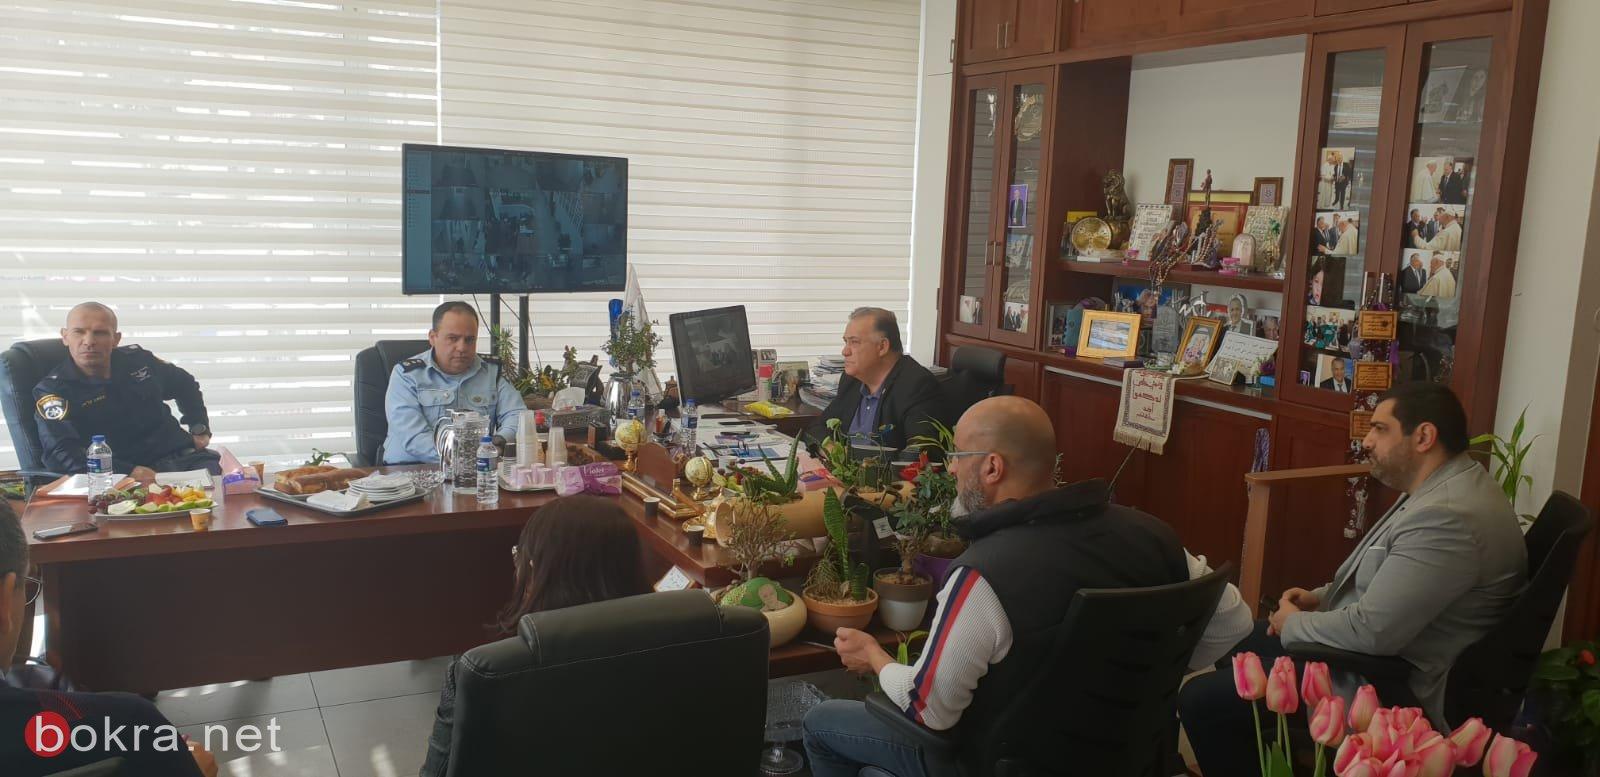 جلسة عمل مع قيادة الشرطة وقائد الجبهة الداخلية في بلدية الناصرة-5